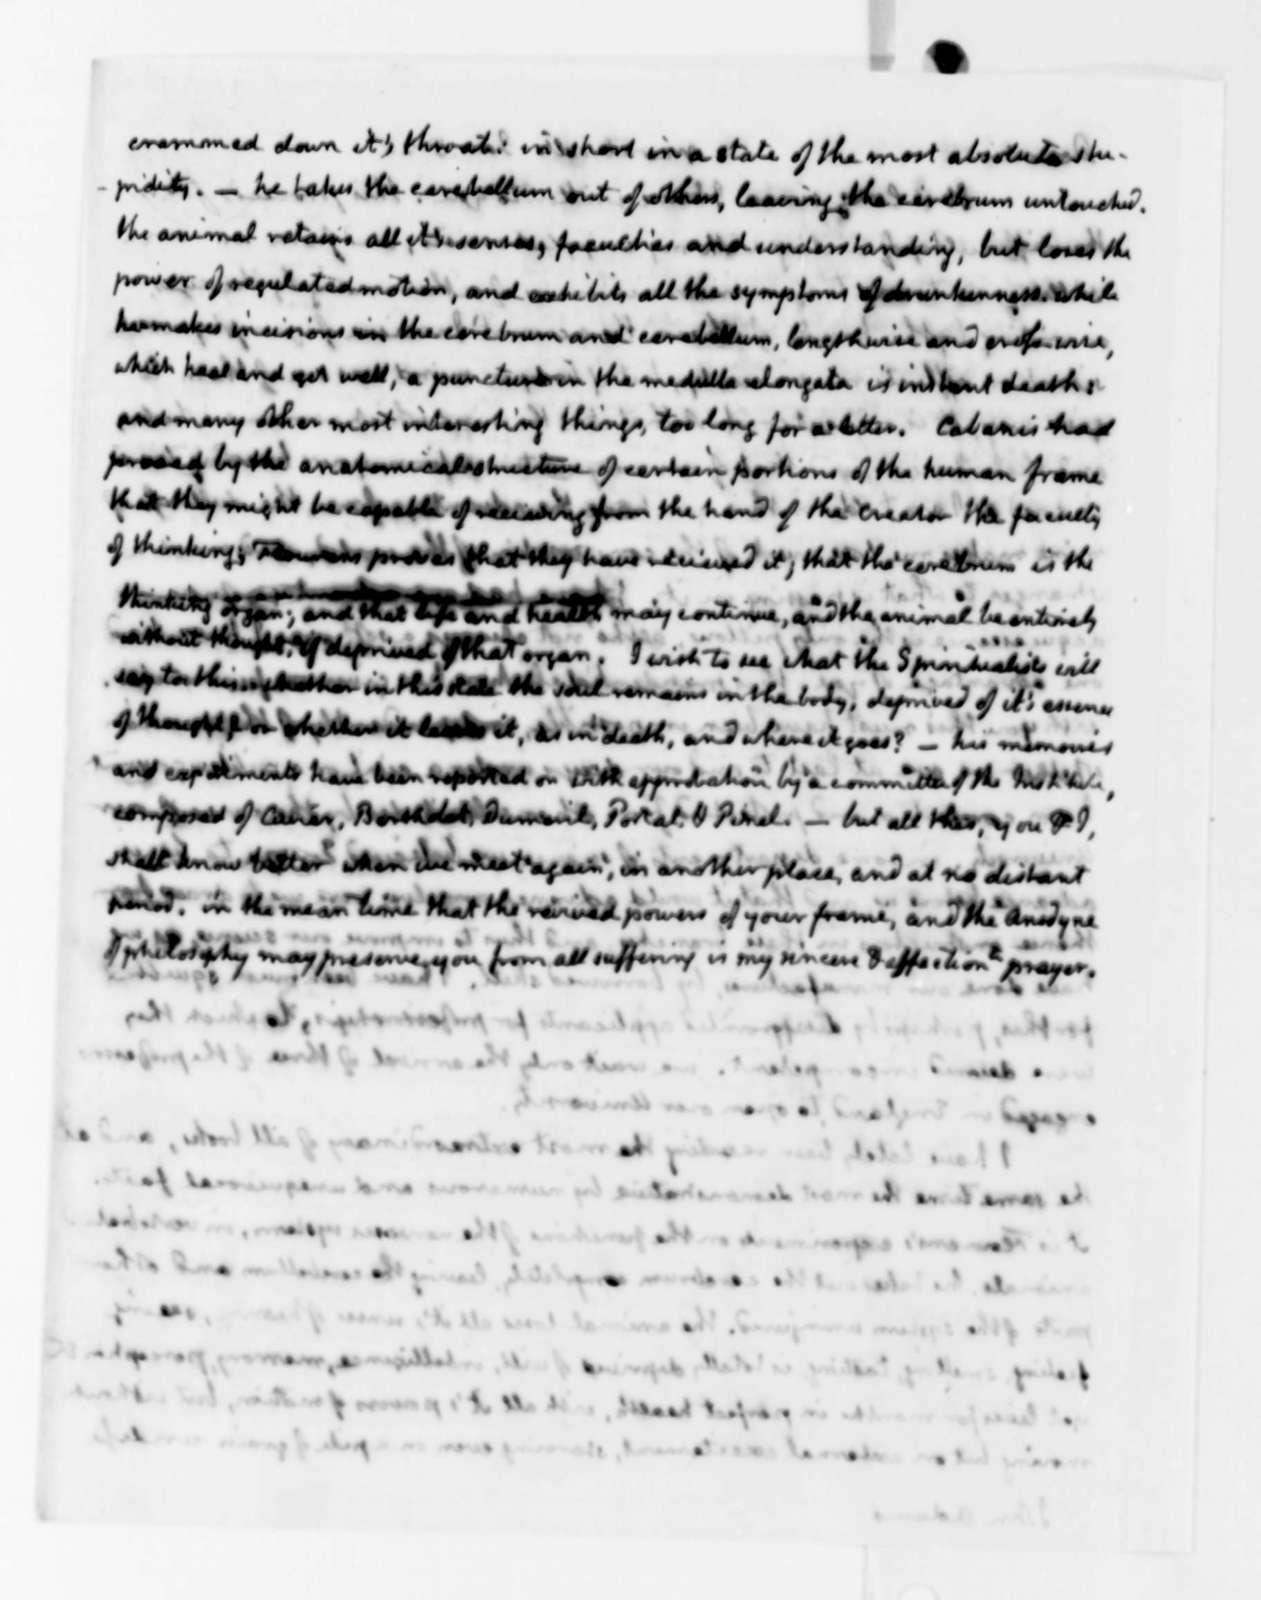 Thomas Jefferson to John Adams, January 8, 1825